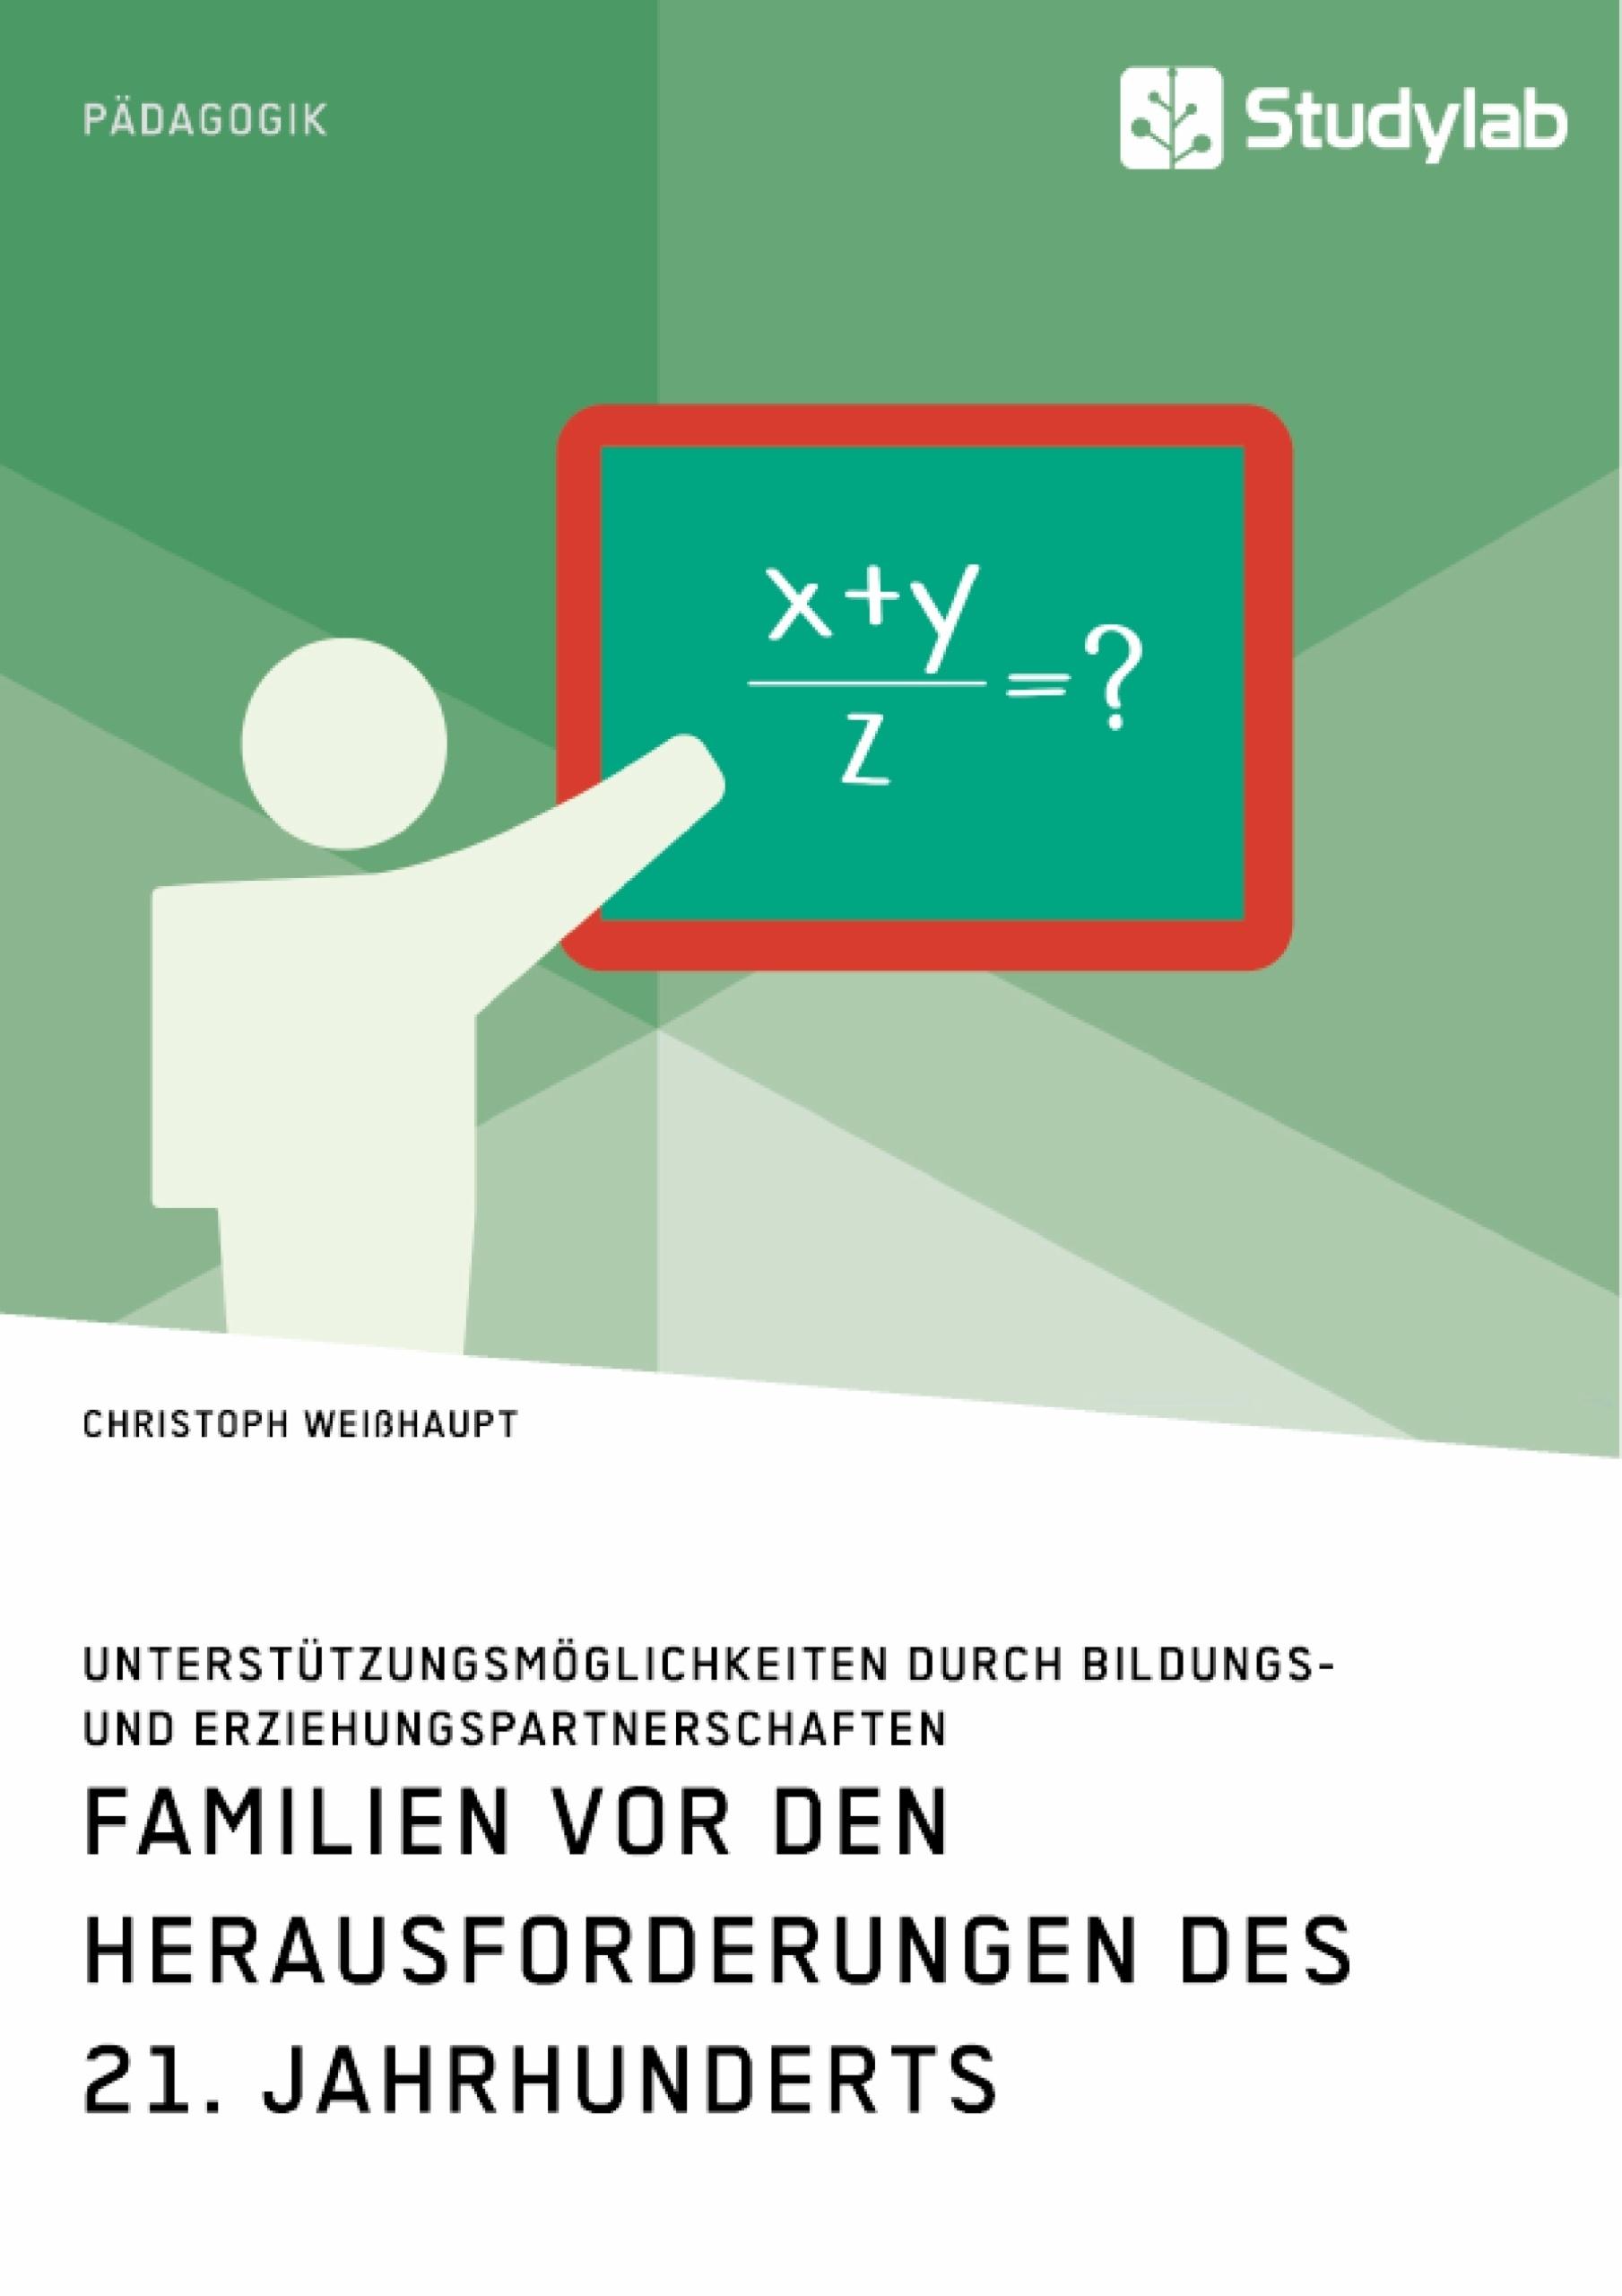 Titel: Familien vor den Herausforderungen des 21. Jahrhunderts